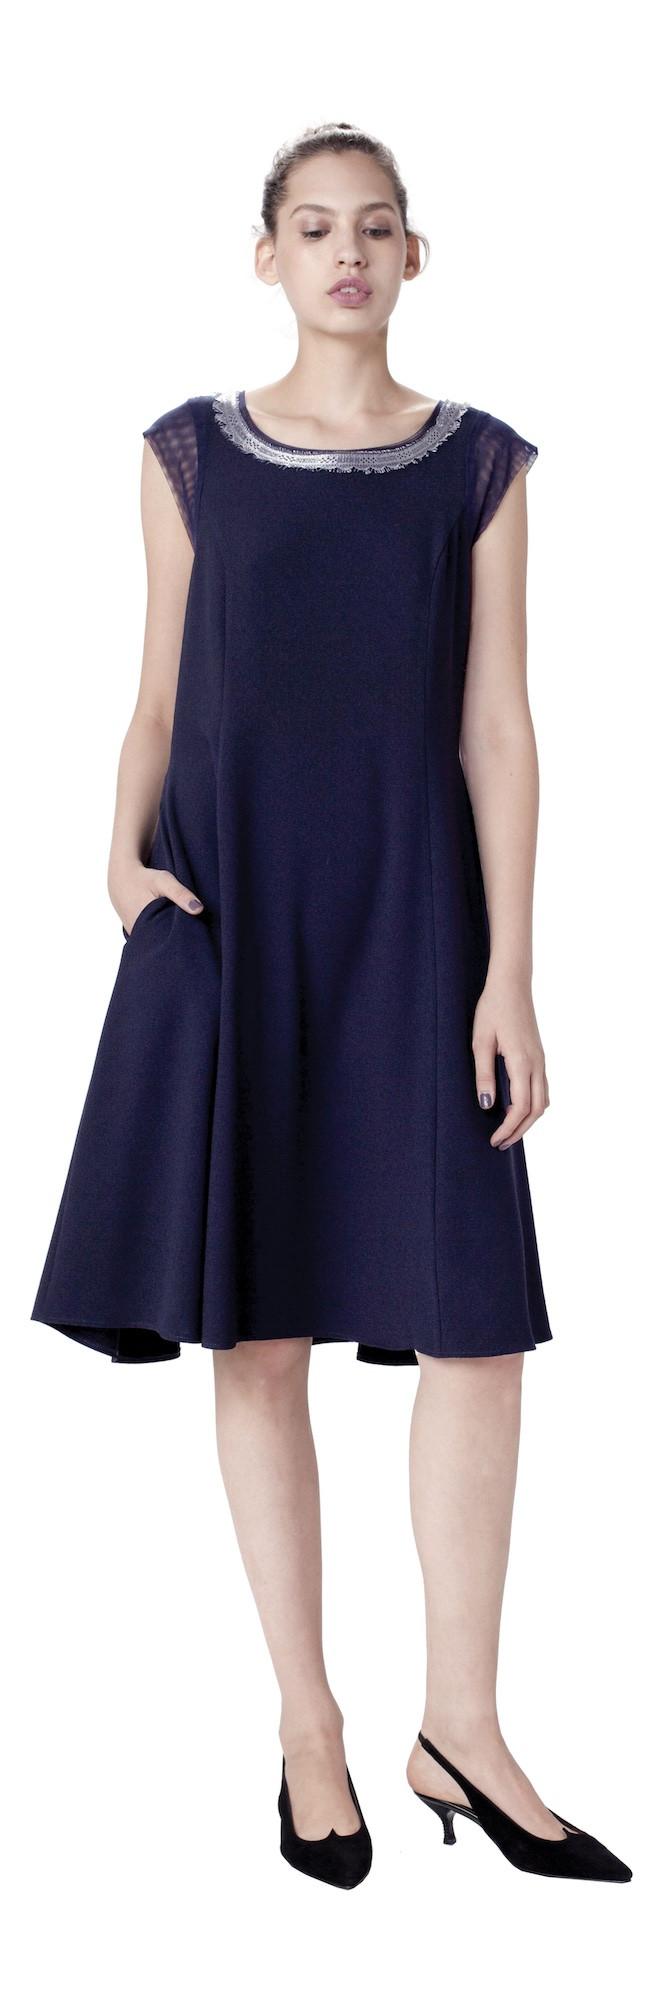 MARNA DRESS